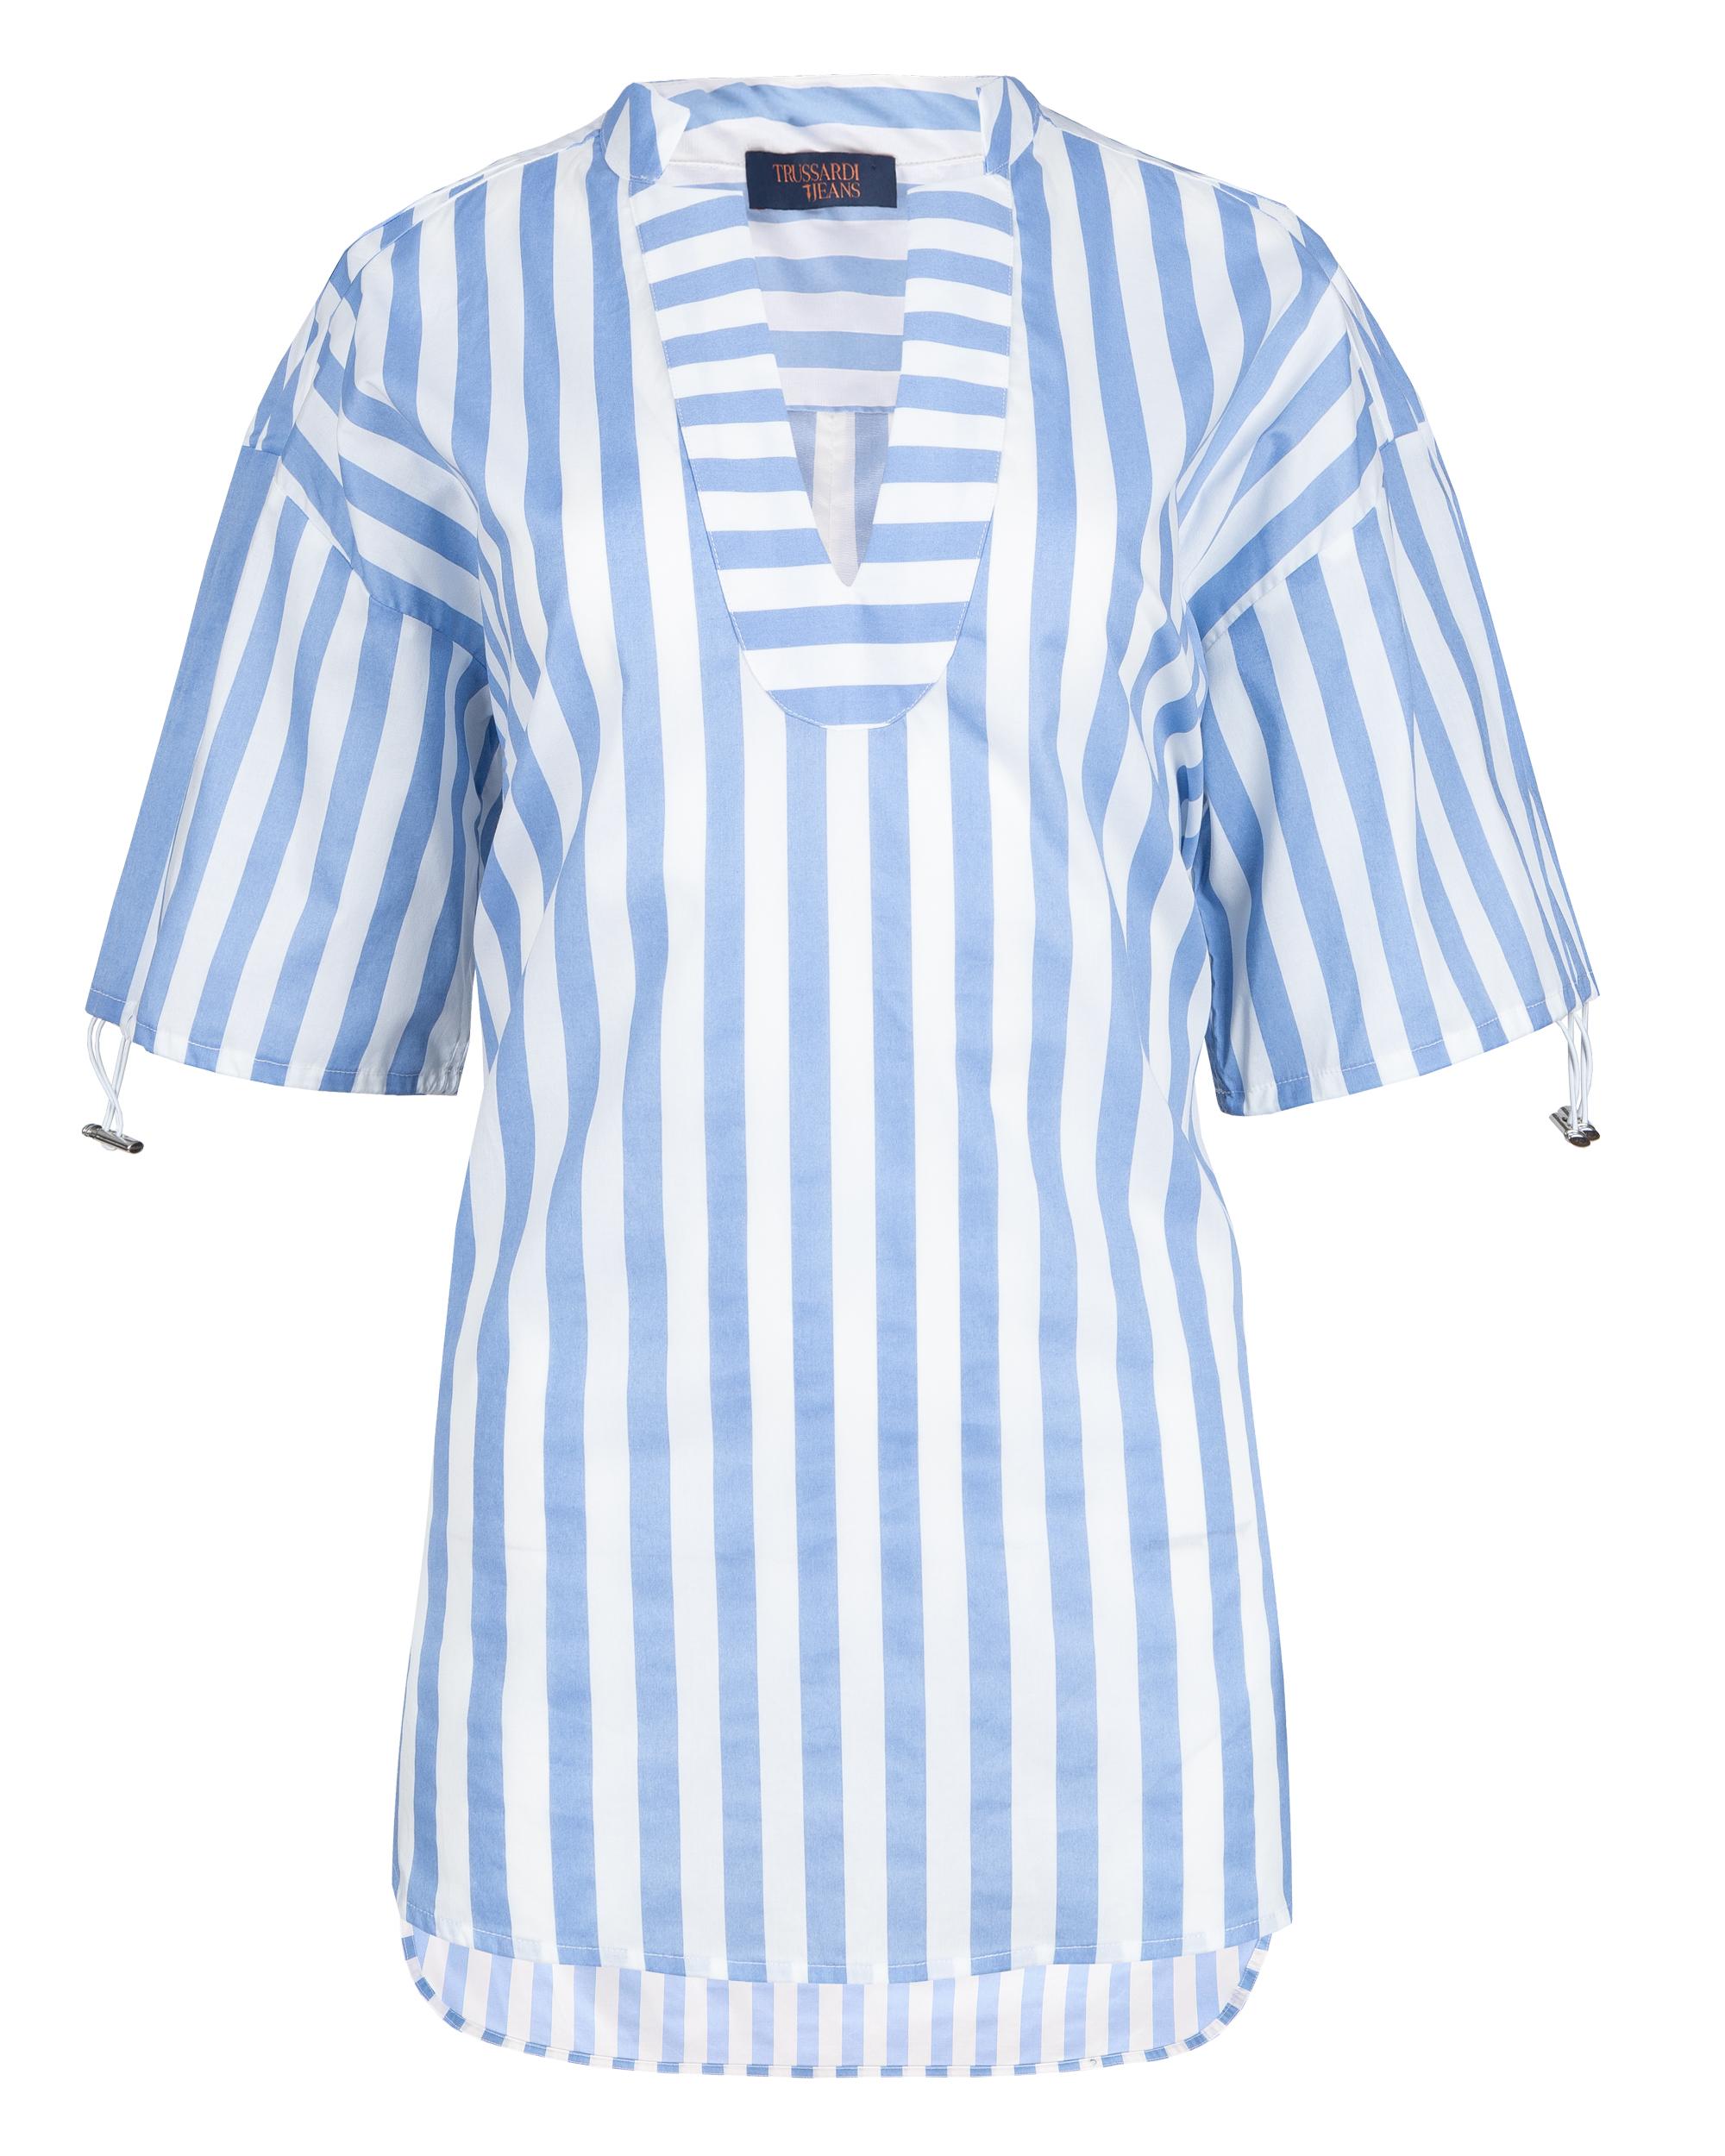 f11cb24d71 Bluzka Trussardi Jeans 56C00193 1T002304 U120 niebieski - Royal Collection  - Odziez damska i męska